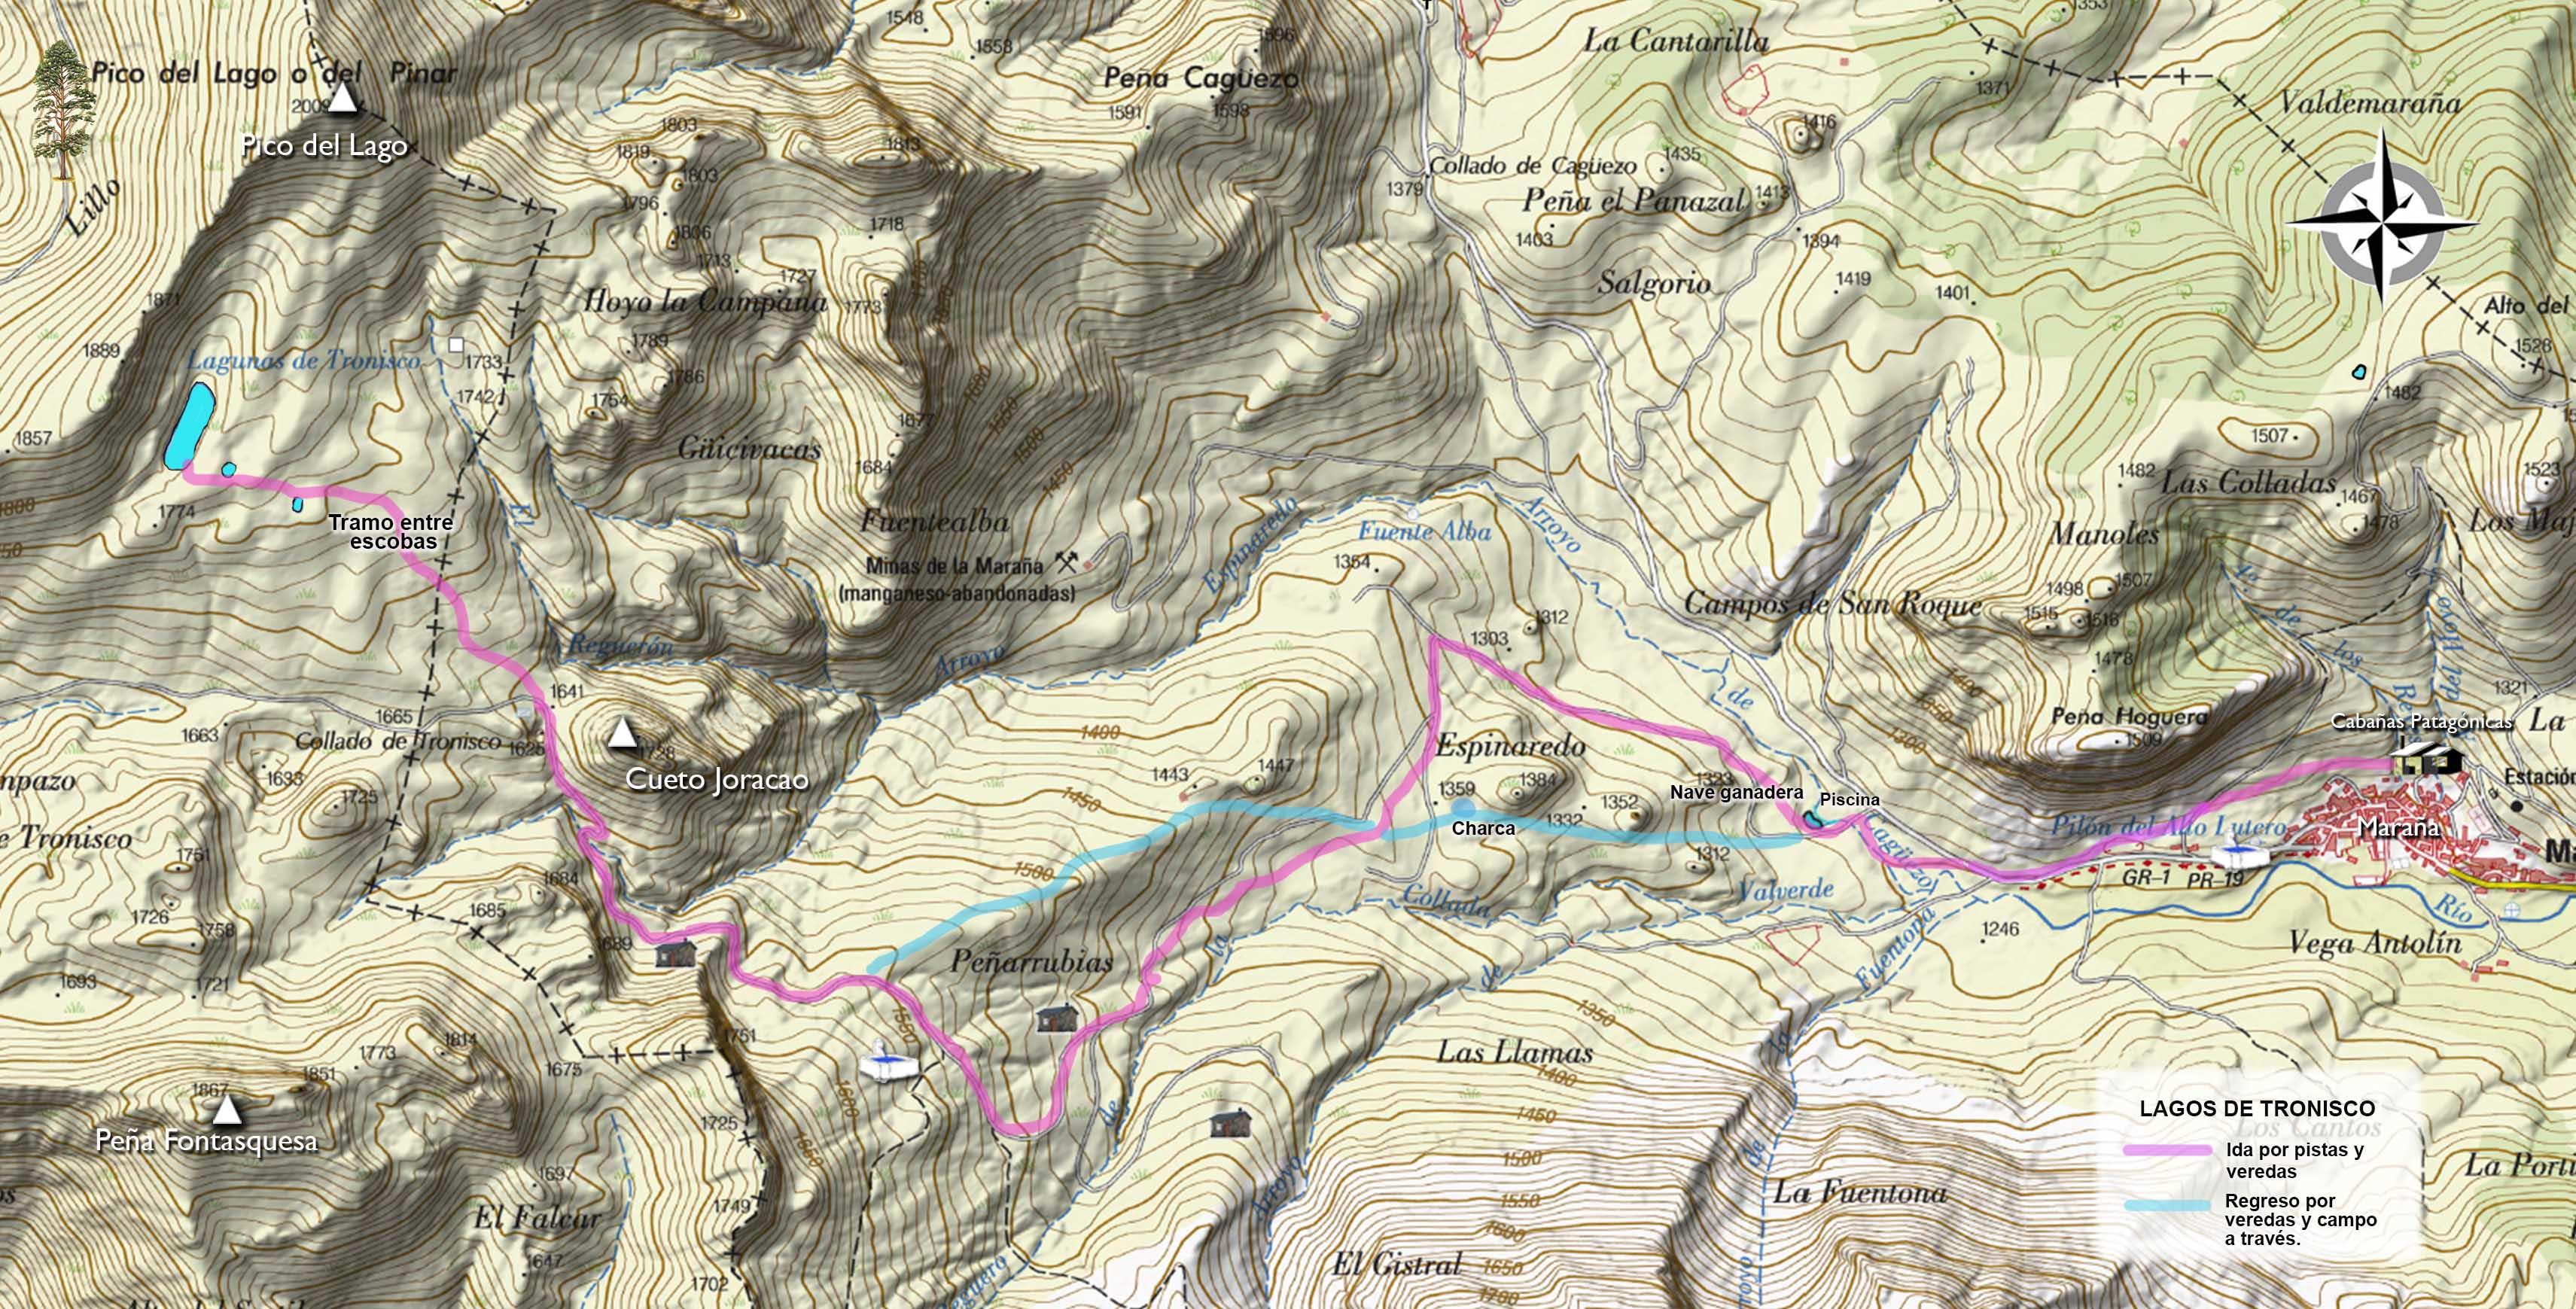 topográfico Tronisco